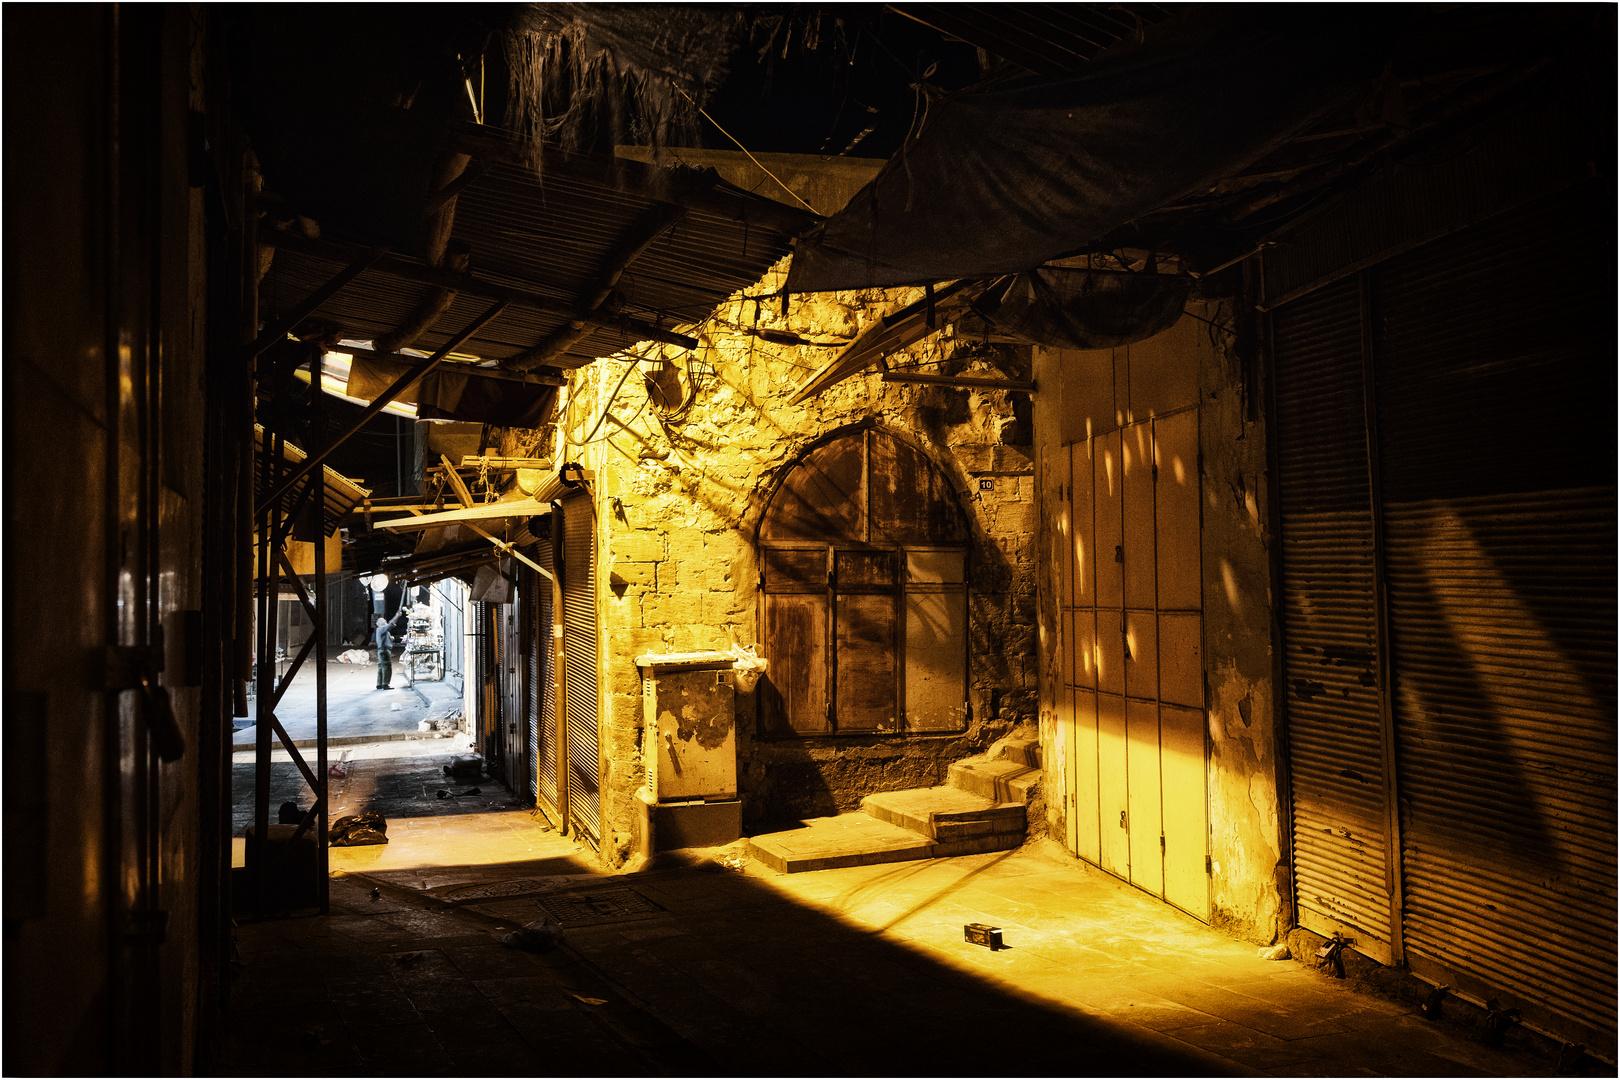 nachts im Basar